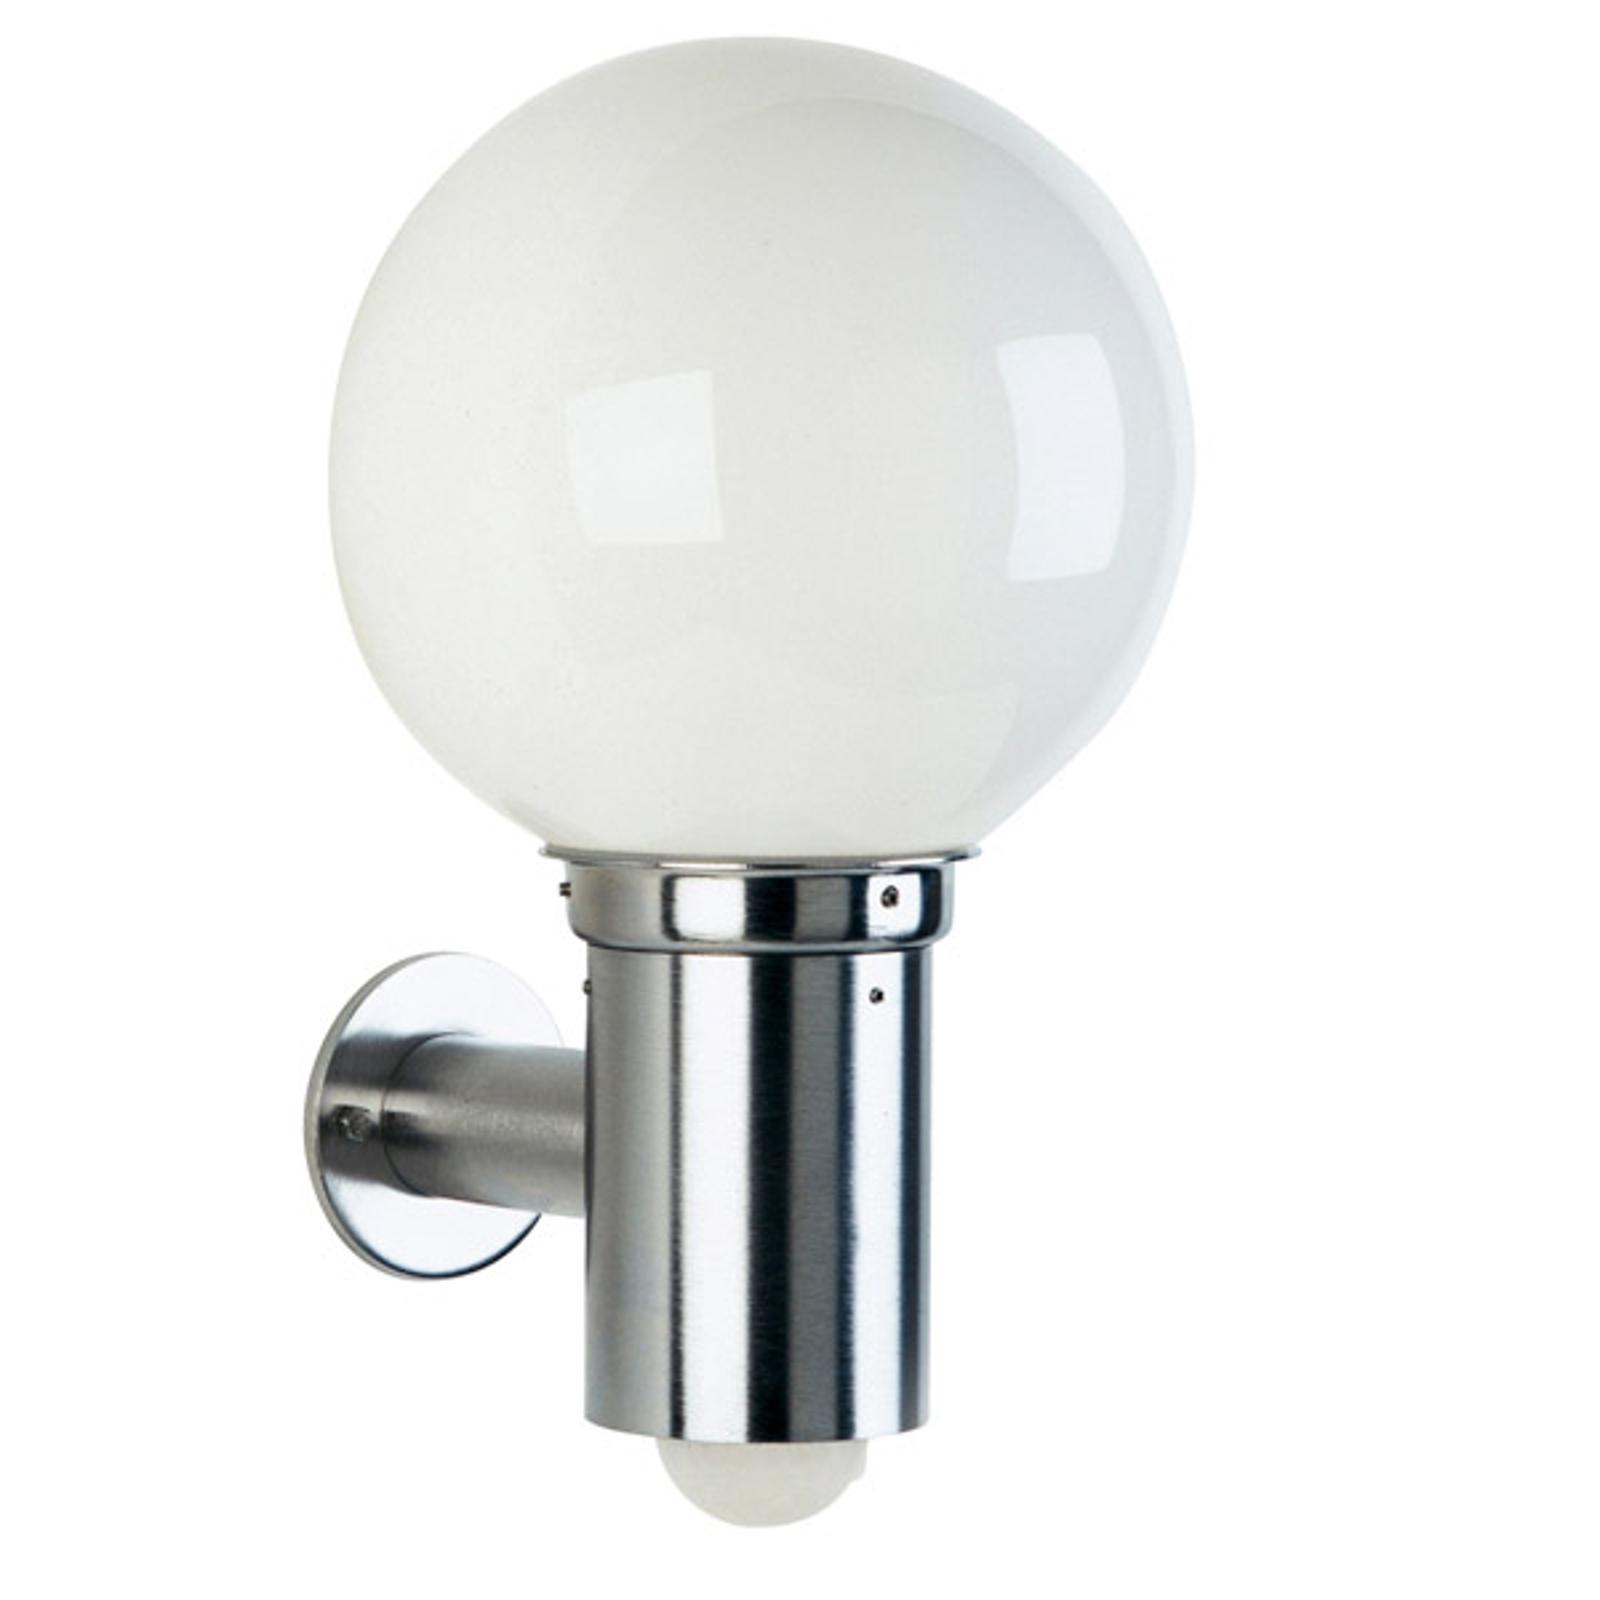 Guľové vonkajšie svietidlo 157 s detektorom pohybu